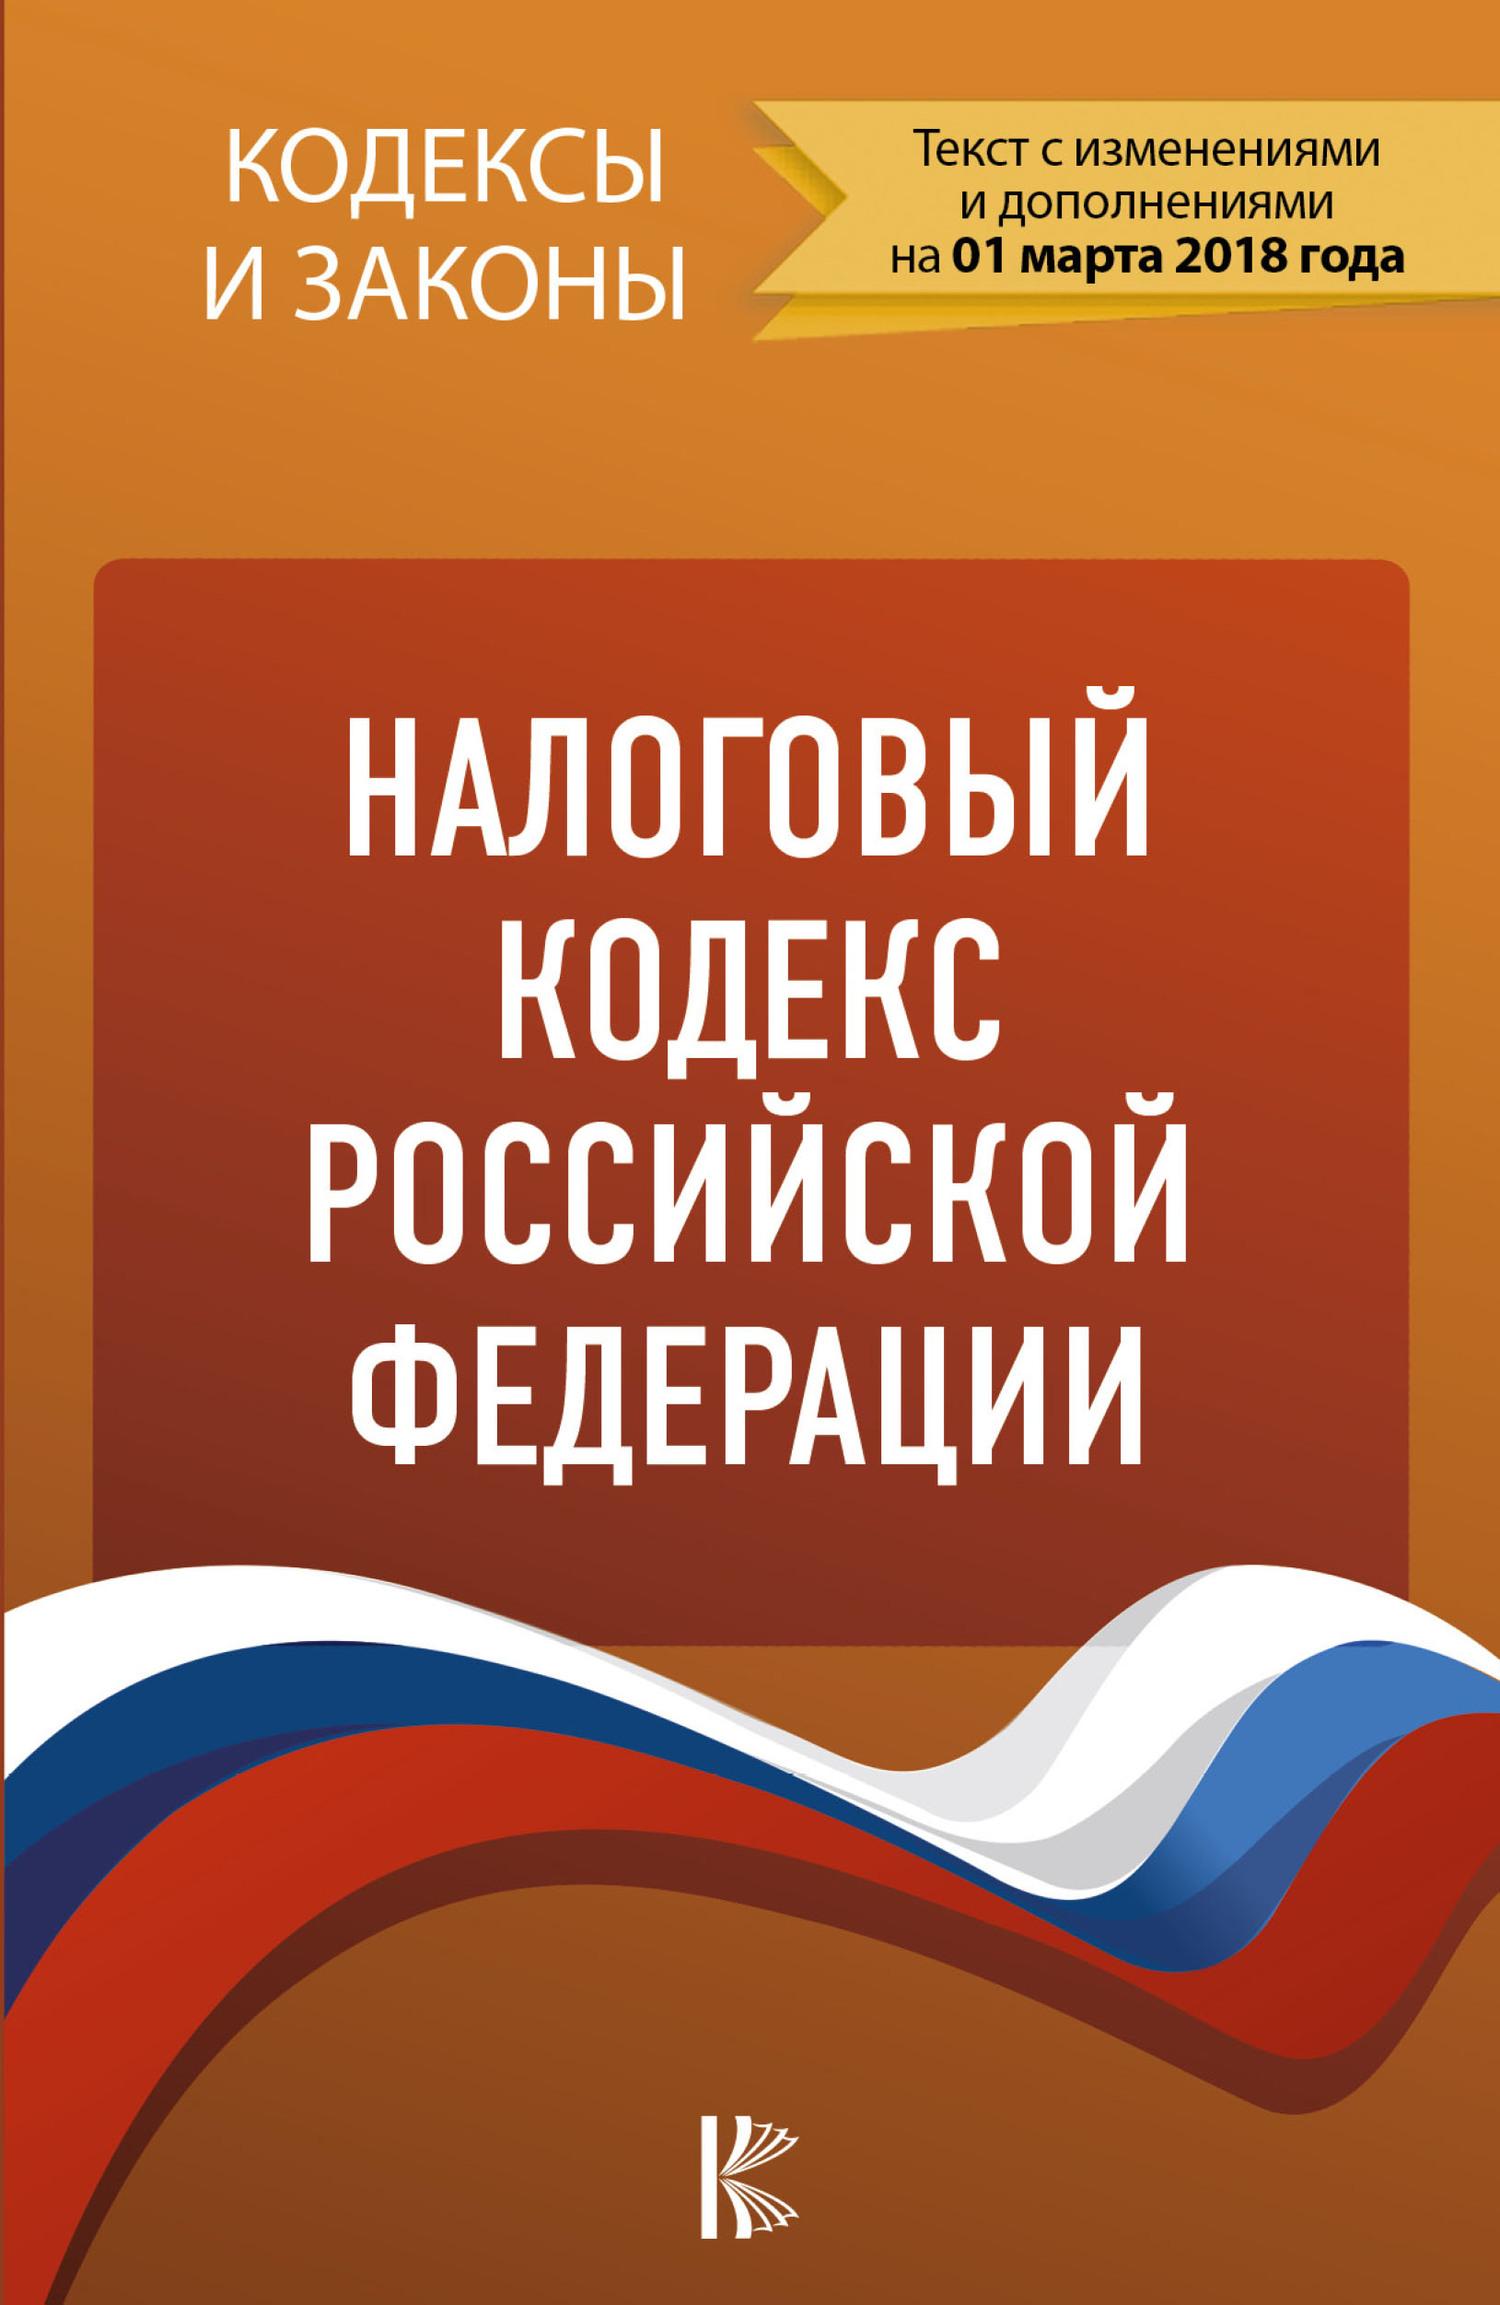 Отсутствует. Налоговый кодекс Российской Федерации. Части 1, 2. По состоянию на 1 марта 2018 года